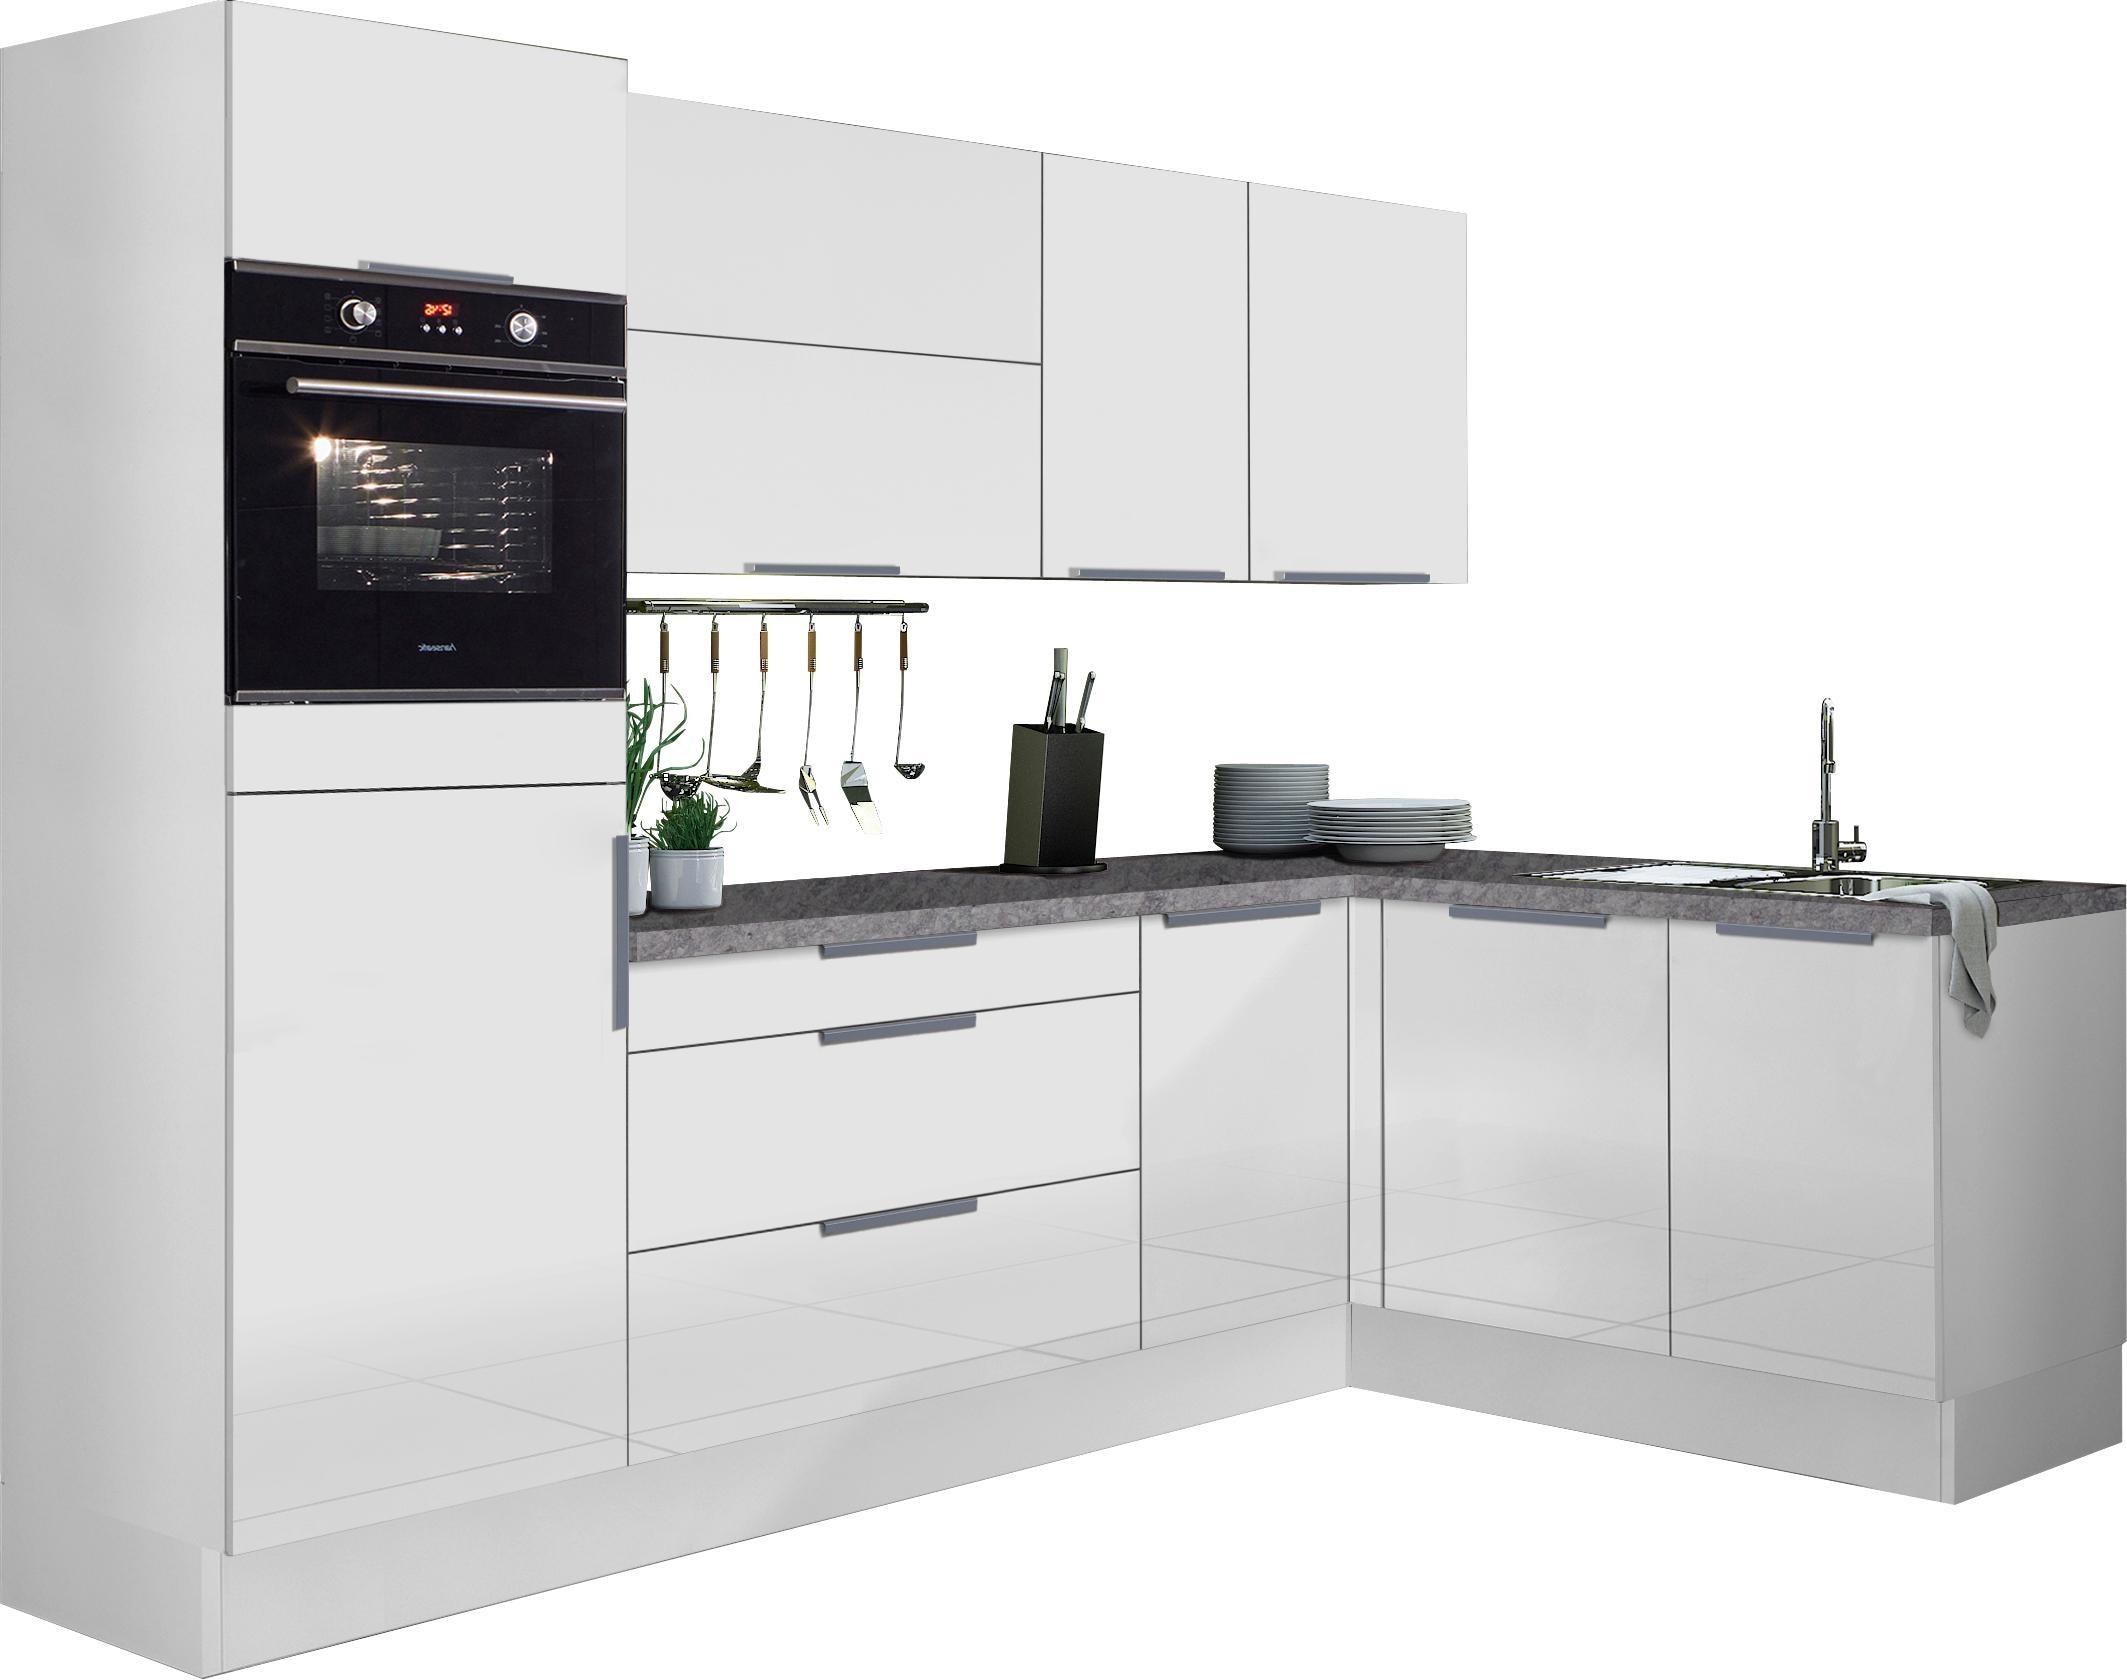 OPTIFIT Winkelküche Tara ohne E-Geräte Stellbreite 265 x 175 cm